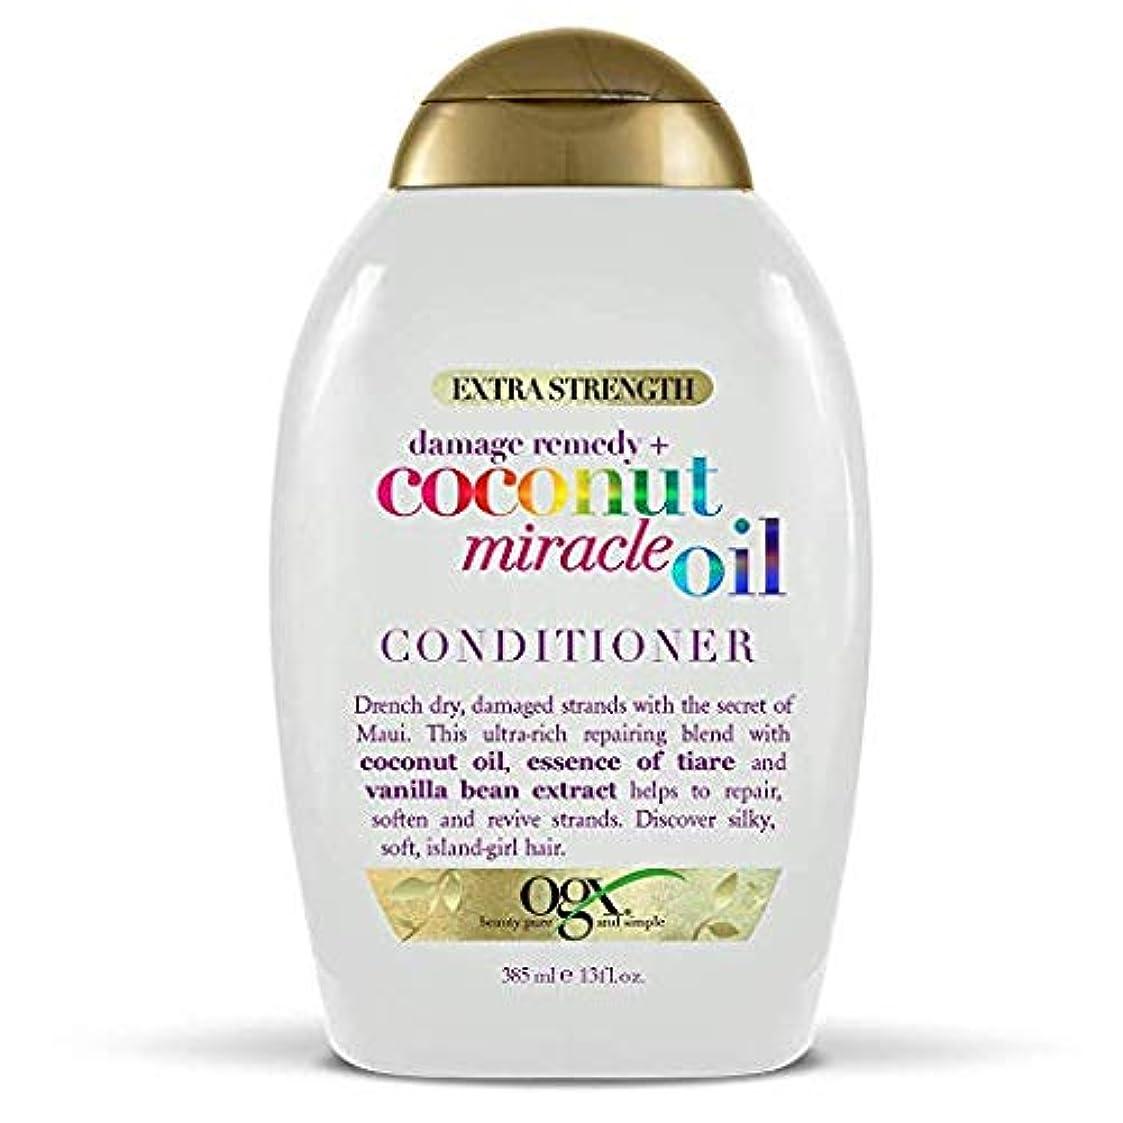 植物学者効率的周波数Ogx Conditioner Coconut Miracle Oil Extra Strength 13oz OGX ココナッツミラクルオイル エクストラストレングス コンディショナー 385ml [並行輸入品]